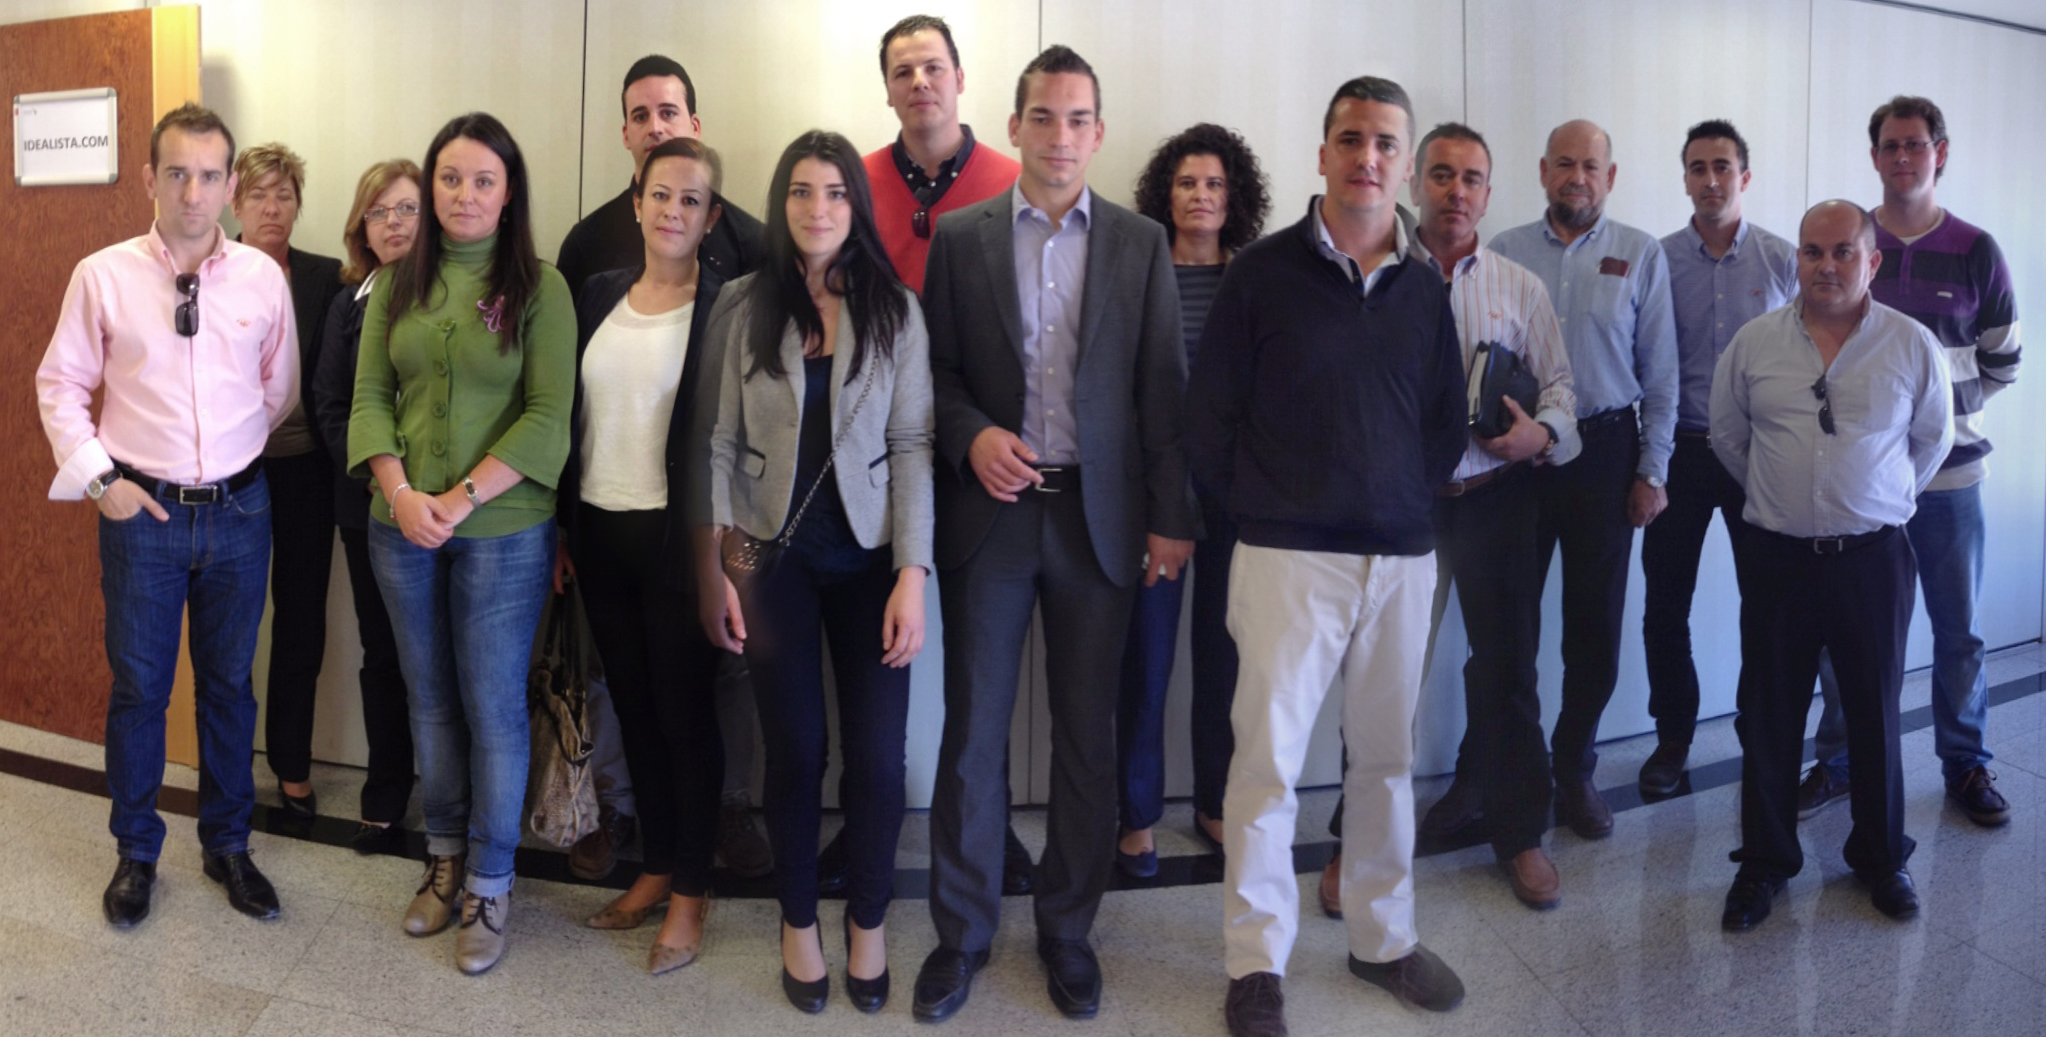 Fotos de familia de los cursos de idealista en 2012 coordinados por la oficina de málaga